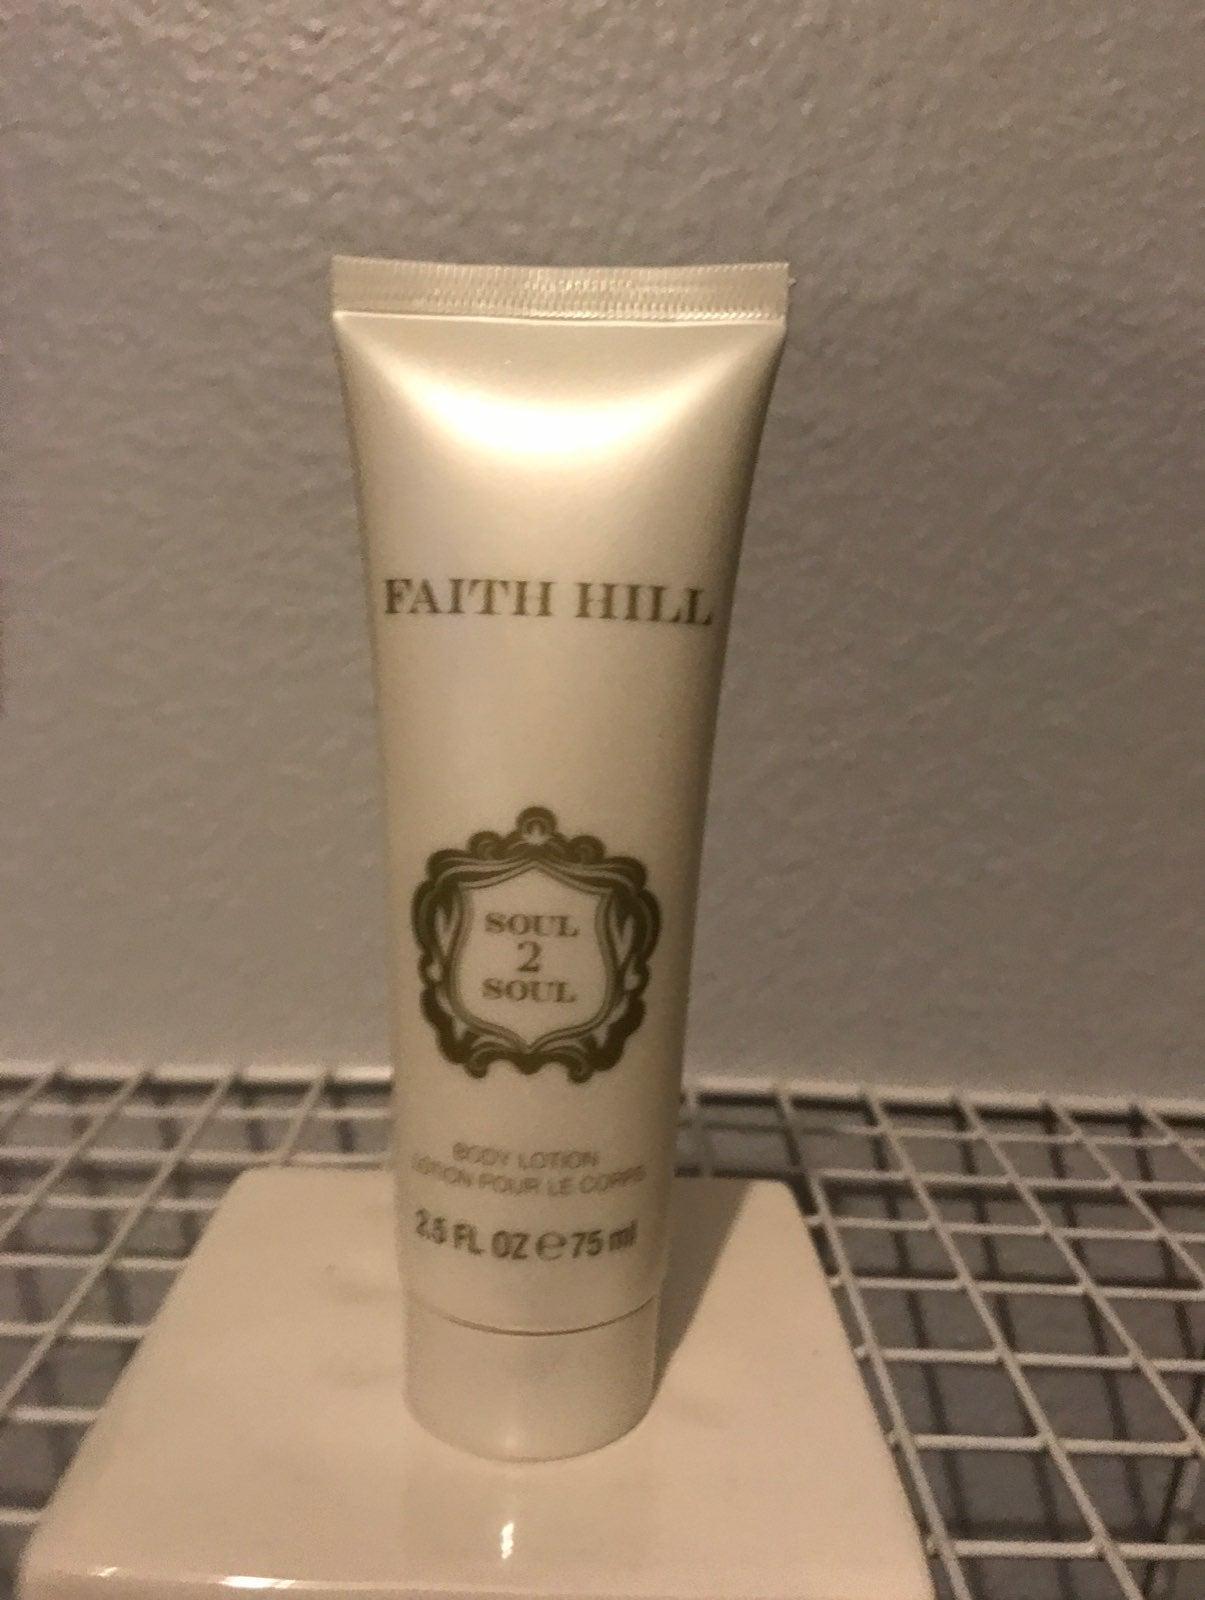 Faith hill body lotion